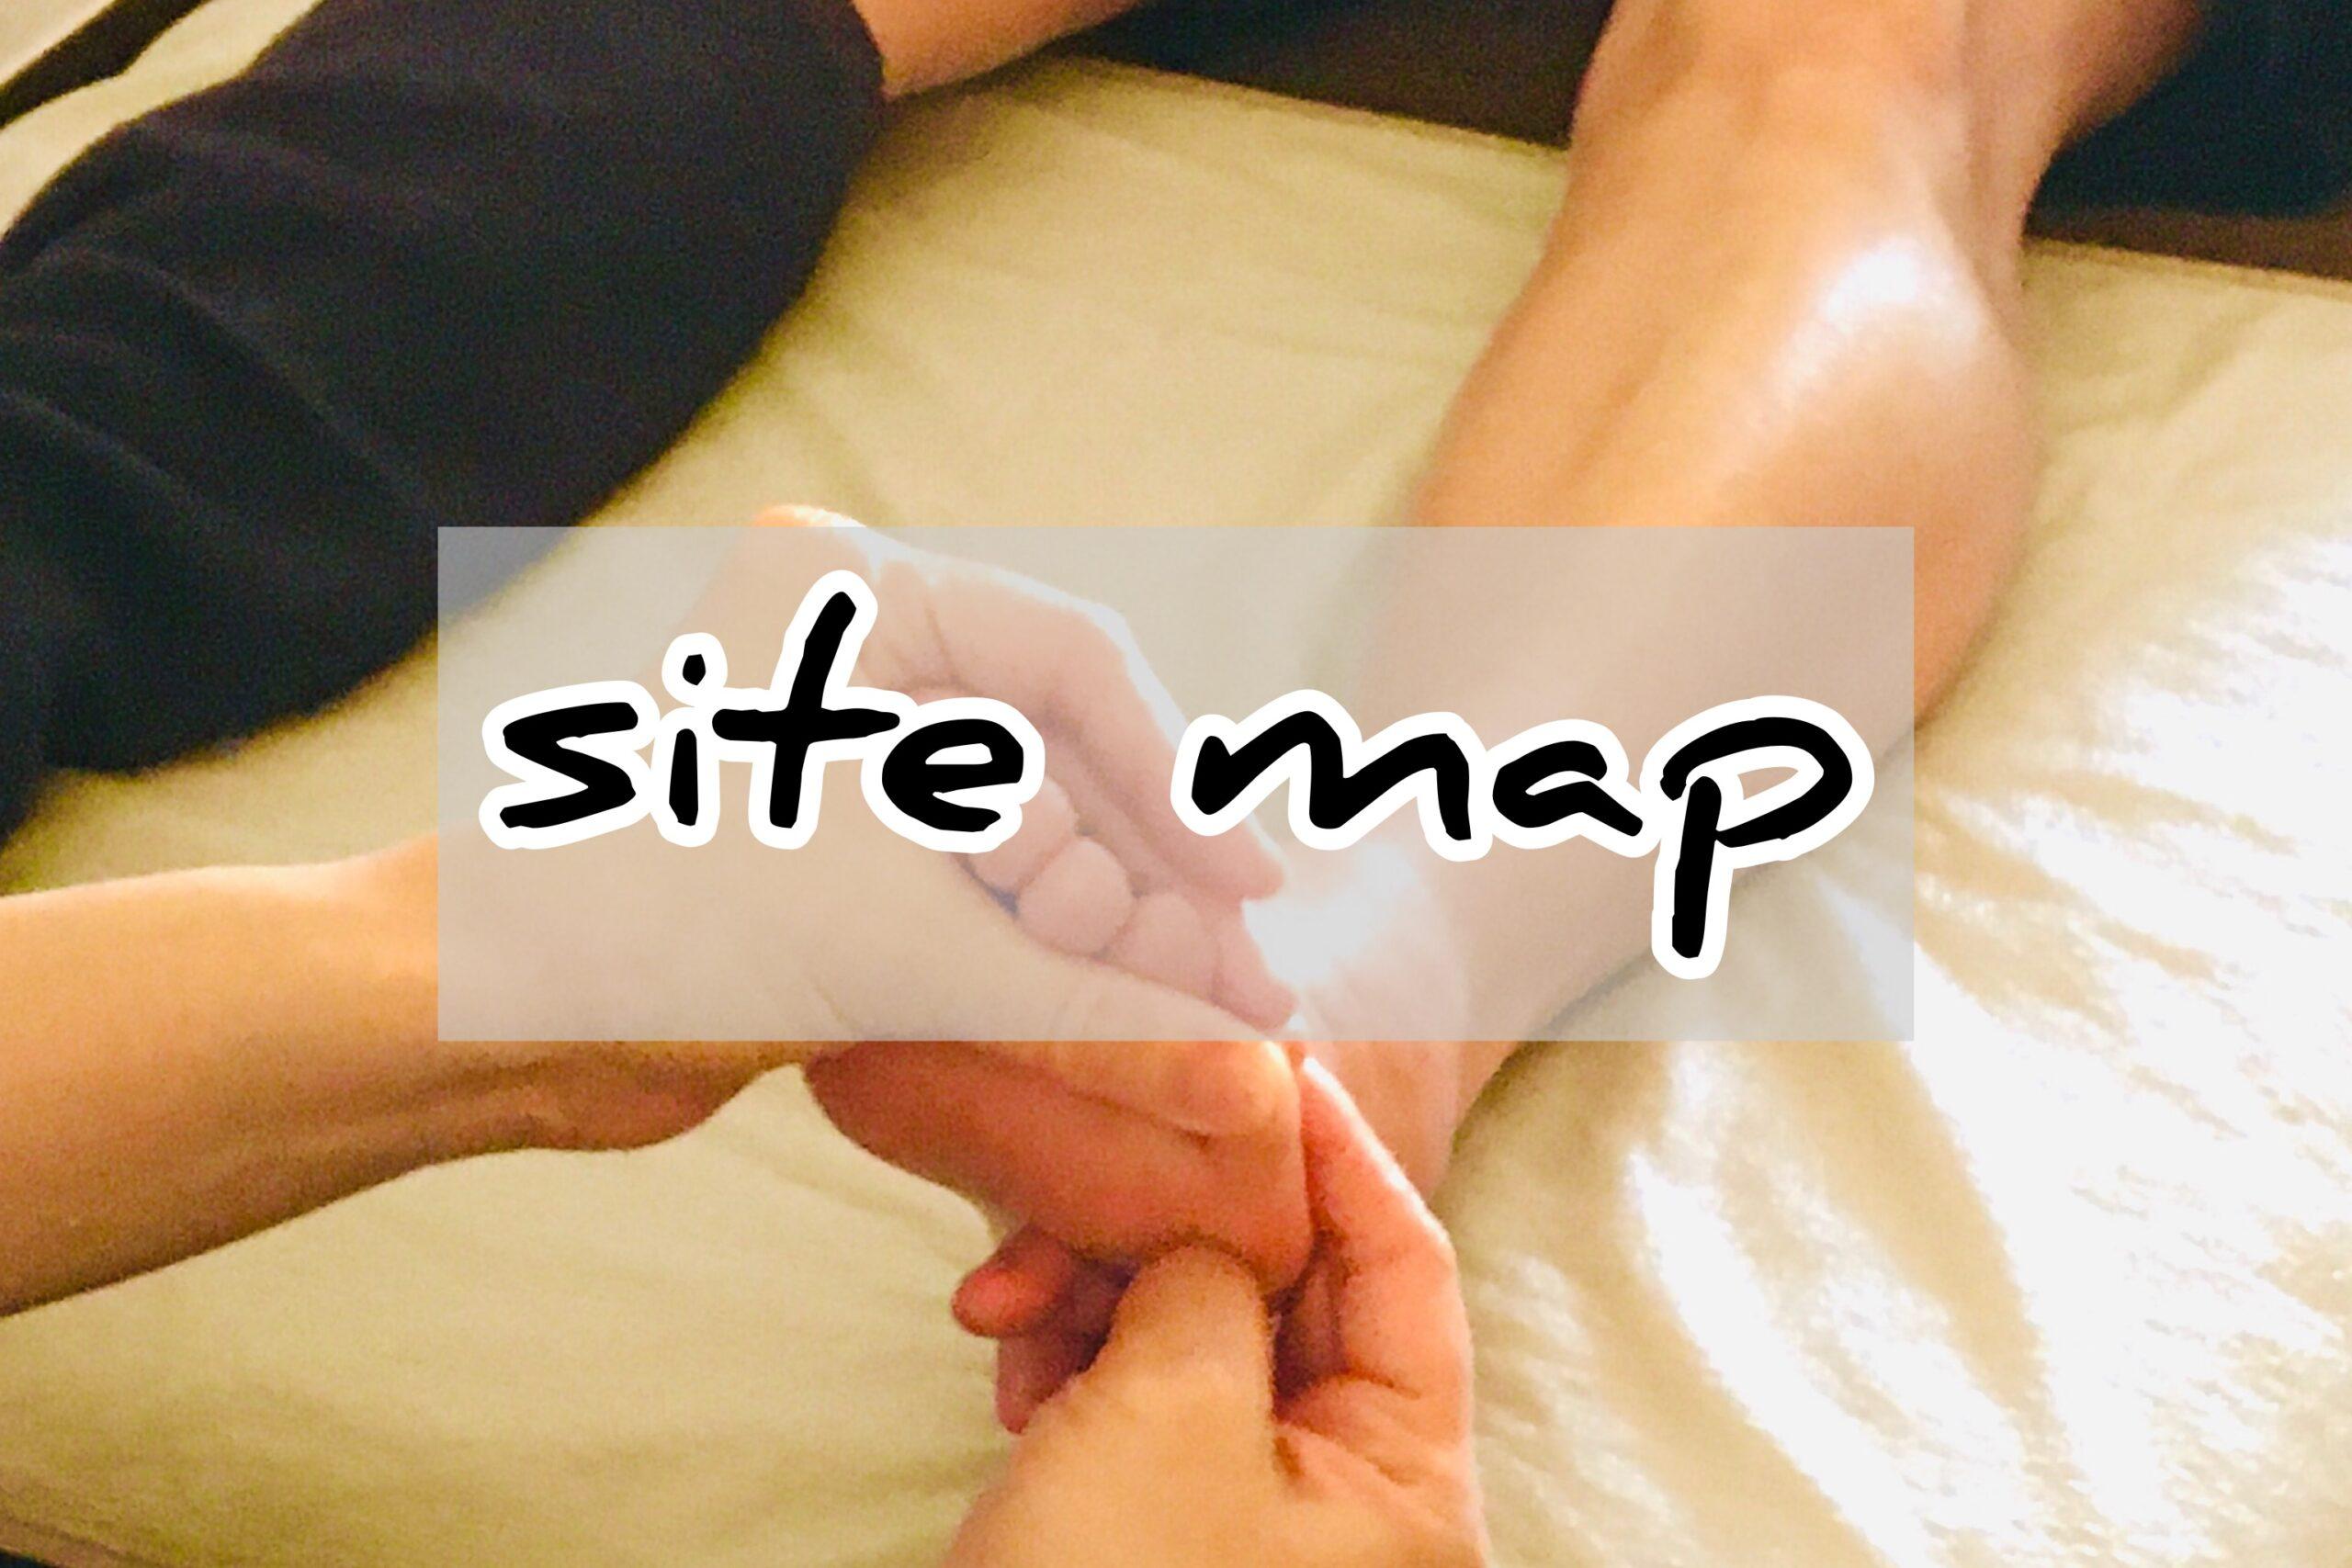 ほぐし処とりっぷサイトマップ画像